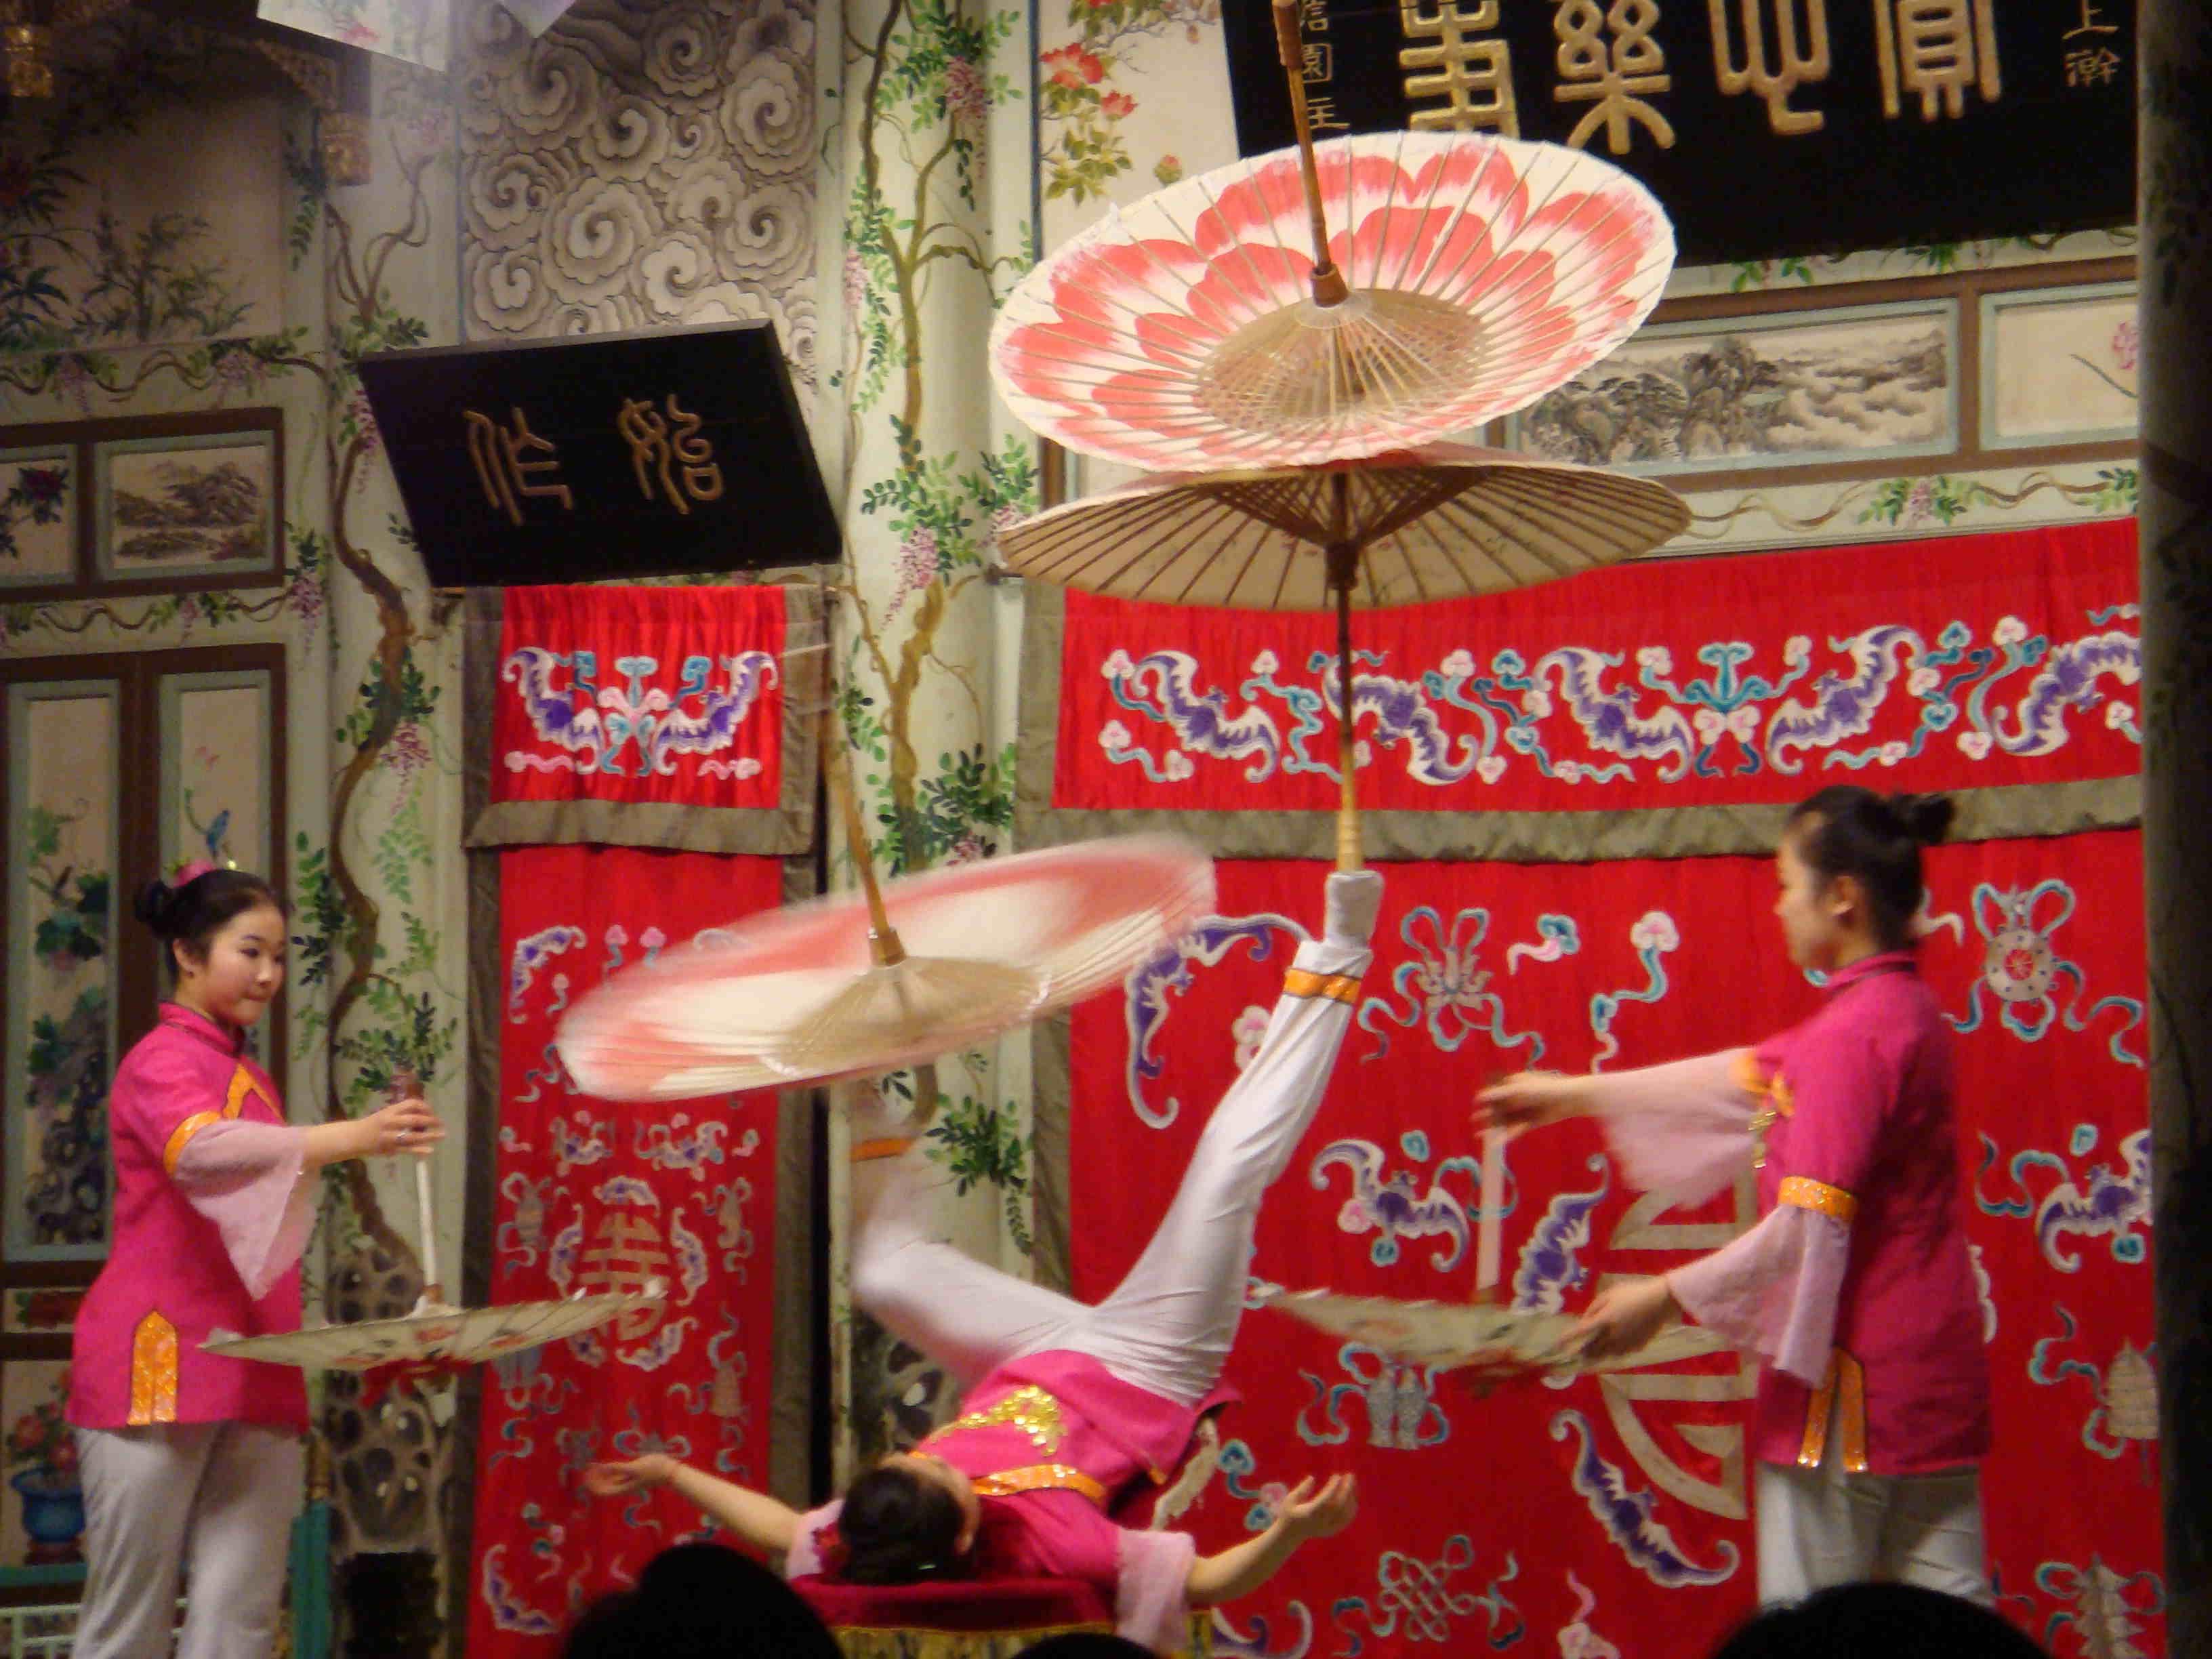 大明気功院 世界医学気功学会ツアー 青島大明院長お勧めの北京観光